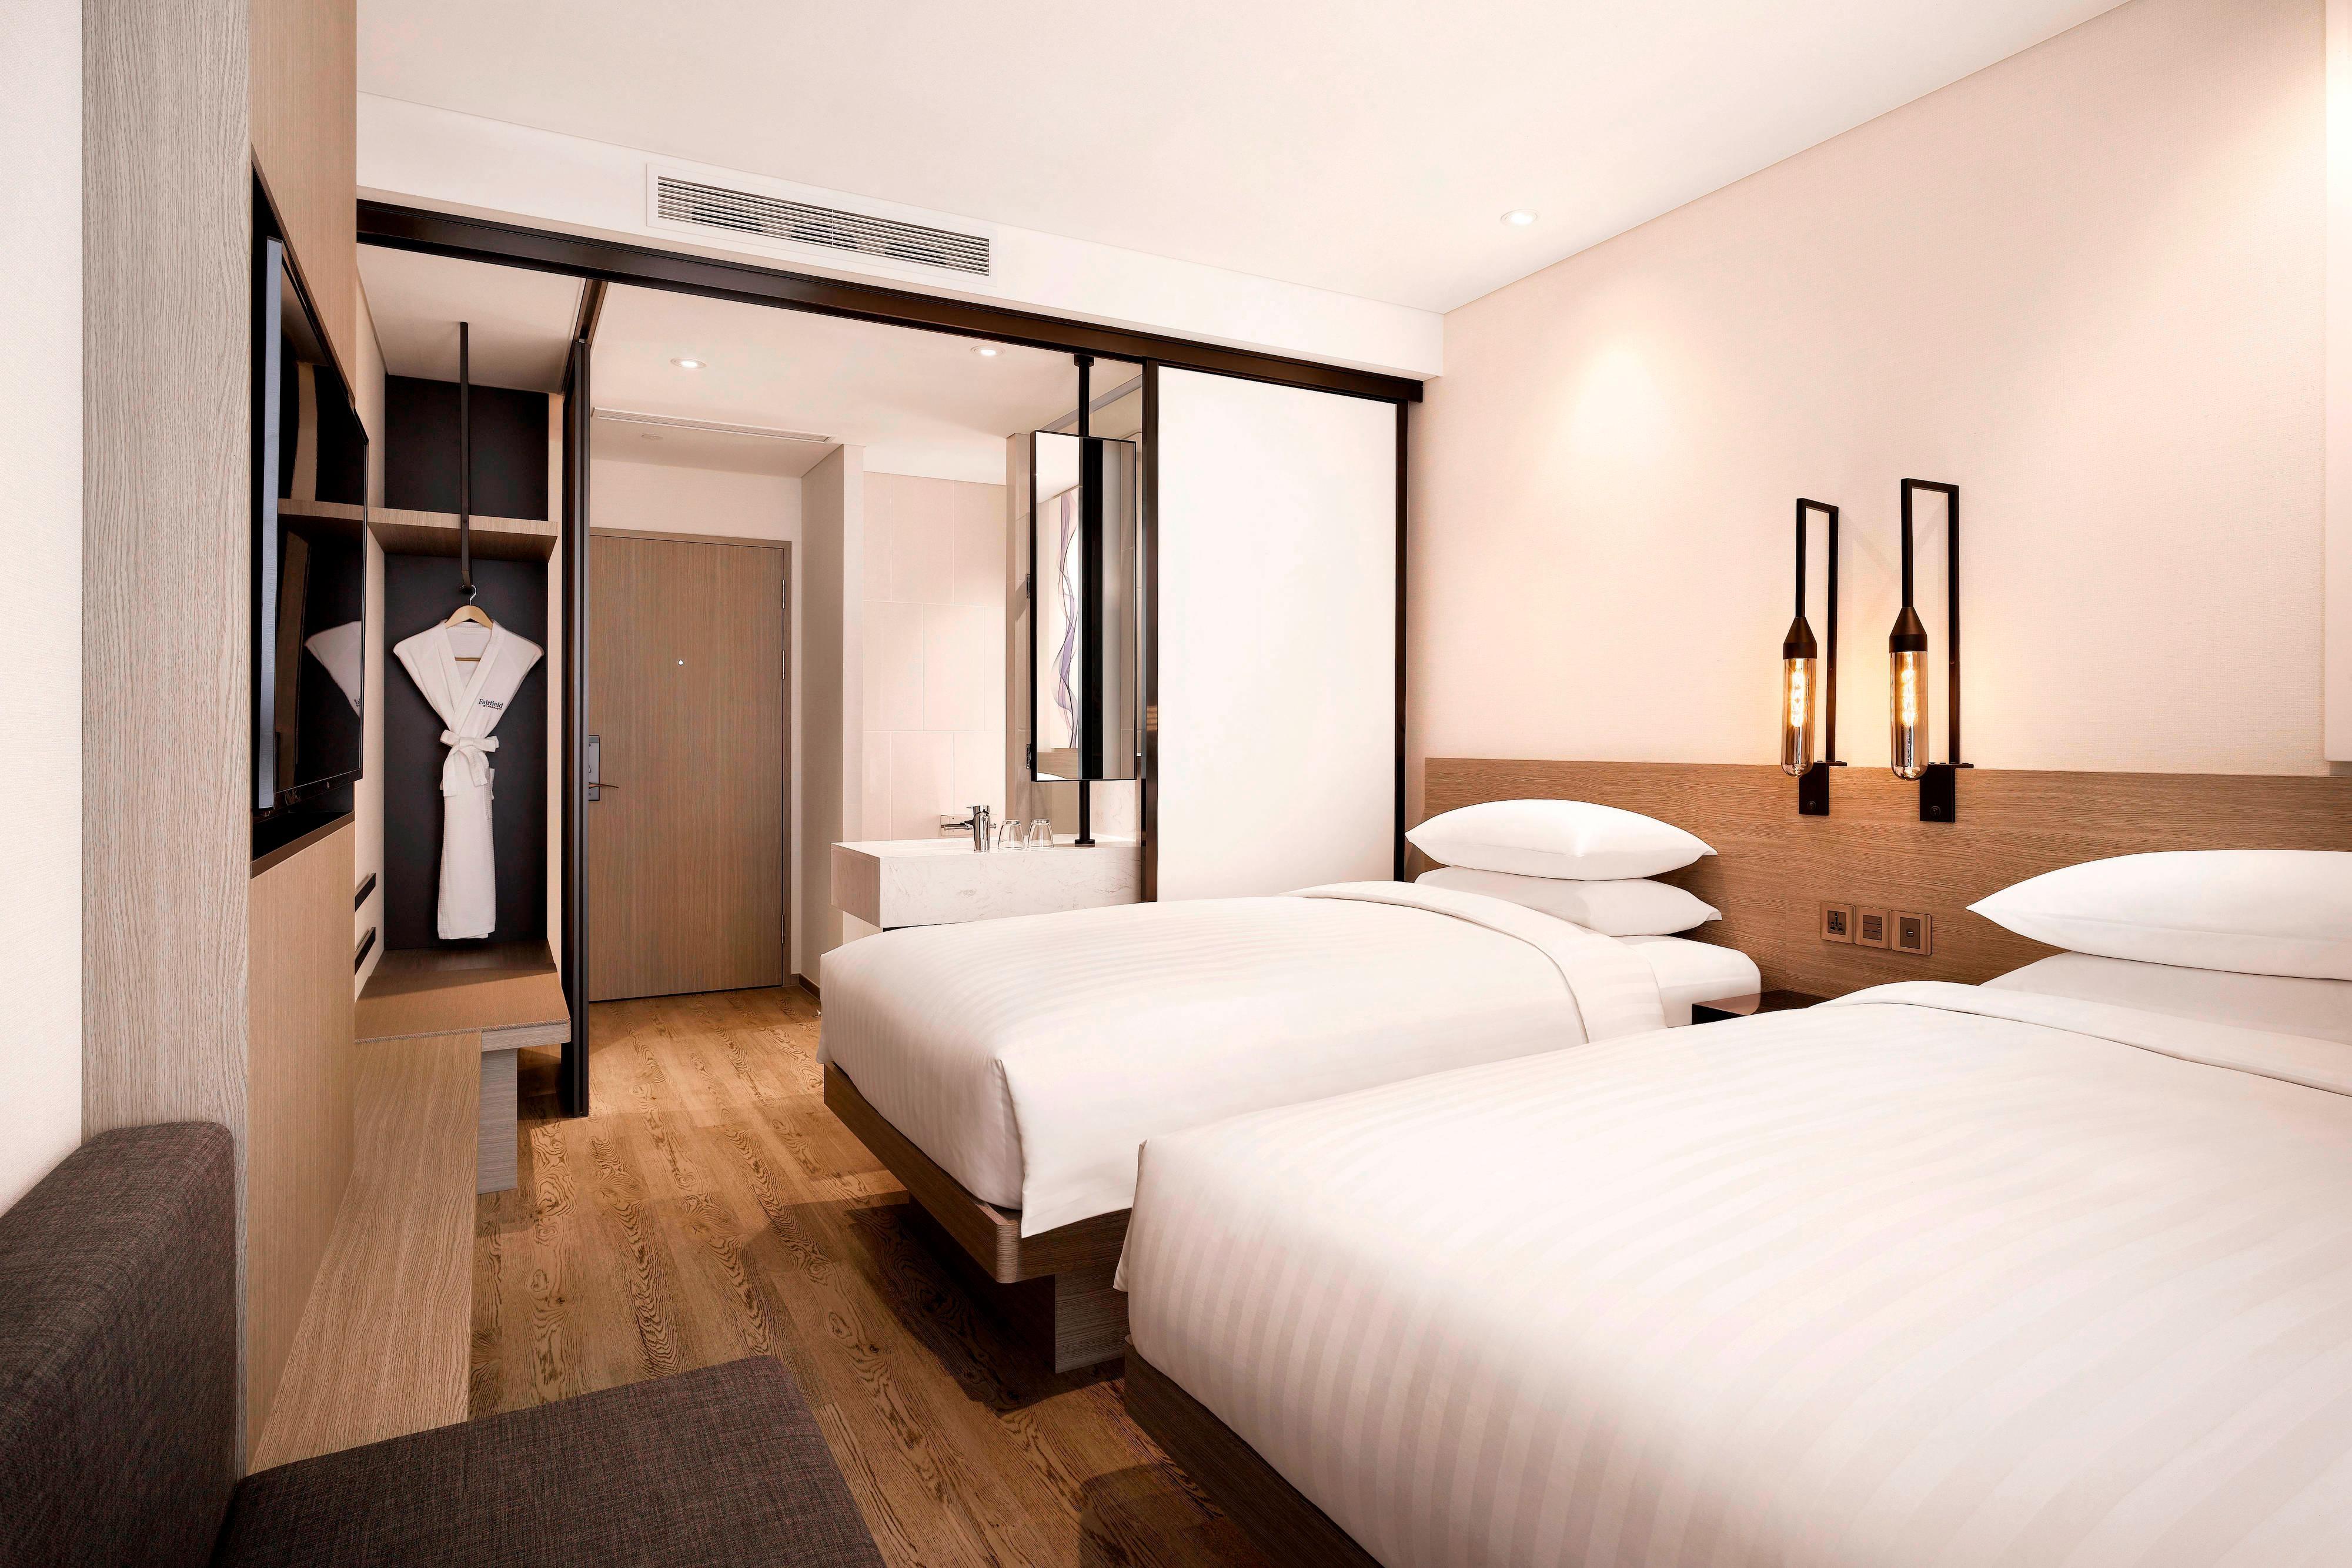 Twin/Twin Guest Room - Bedroom